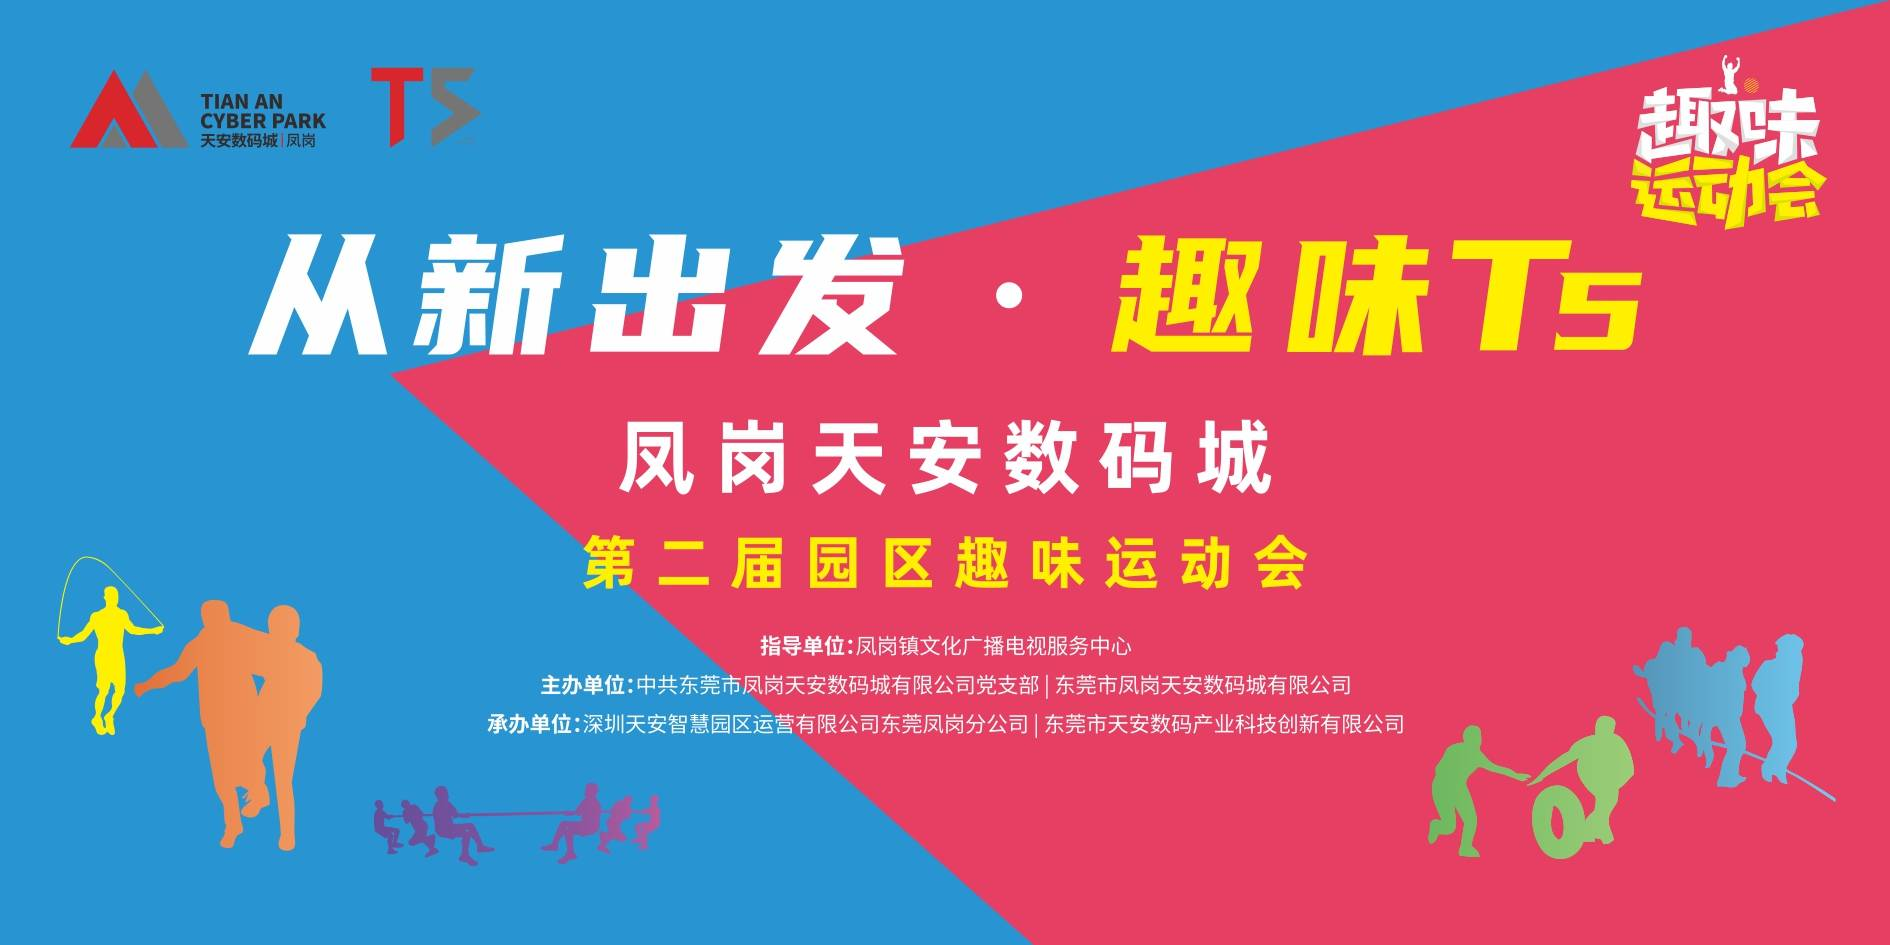 """""""从新出发 趣味T5""""凤岗天安数码城第二届园区趣味运动会"""